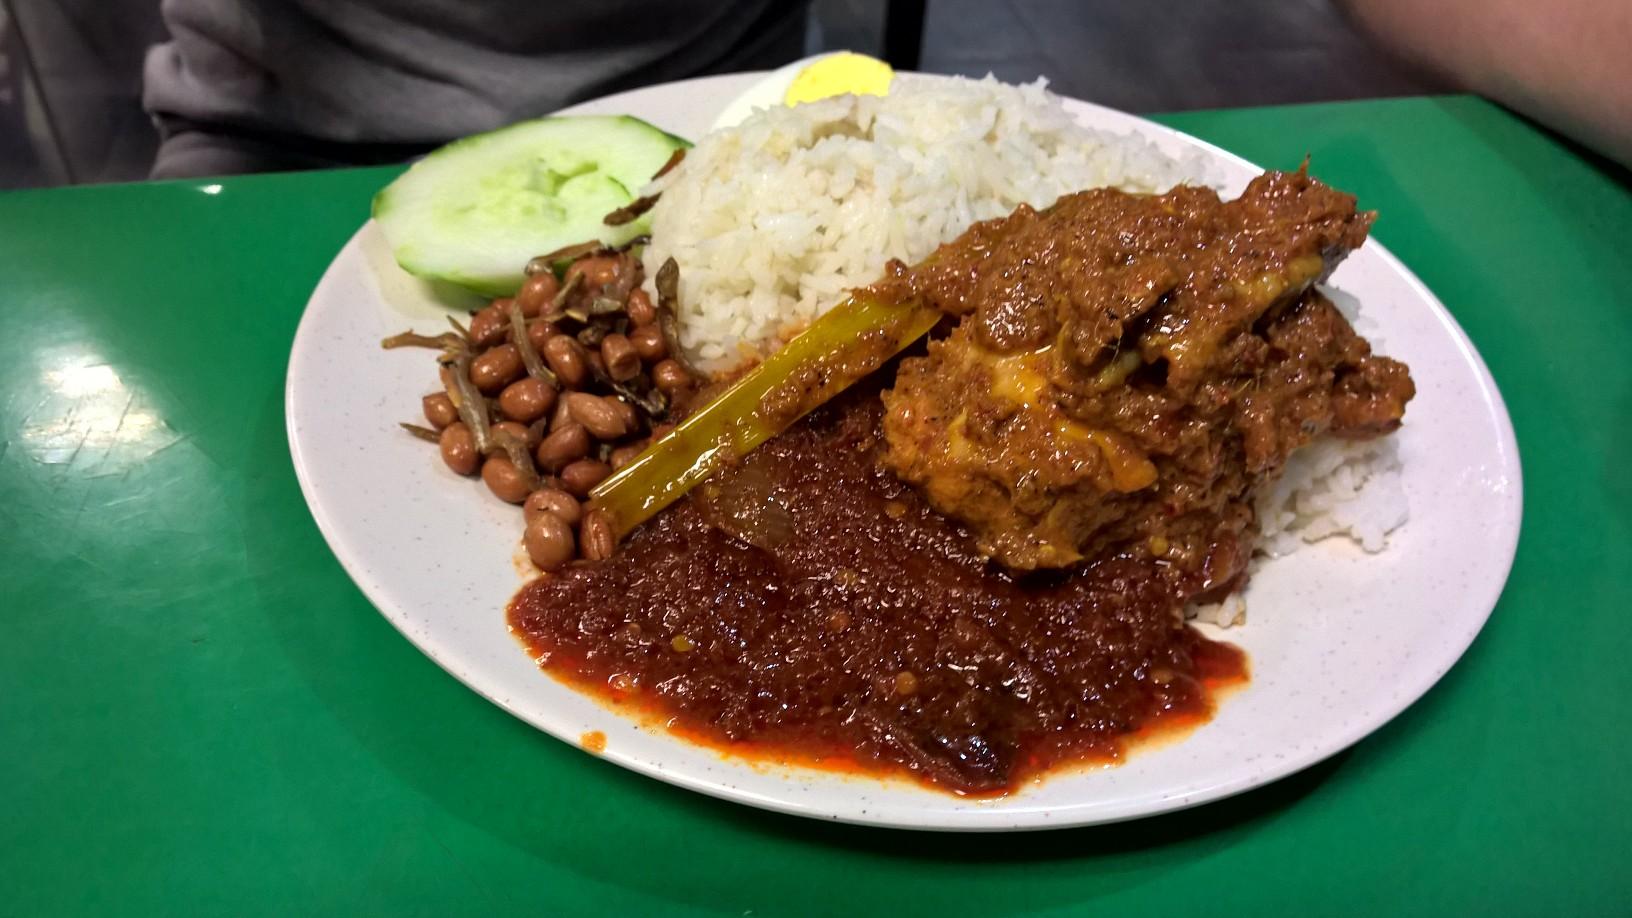 A Suria Sabah halalos részlegének egyik eledele. Egészen meglepően finom, a földimogyoró mellett kis apró, ropogós halak is vannak, a szósz kifejezetten jó, s  az egész mindössze 6,5 ringgit. Egy ízben az extra rizsért sem számoltak fel plusz pénzt.